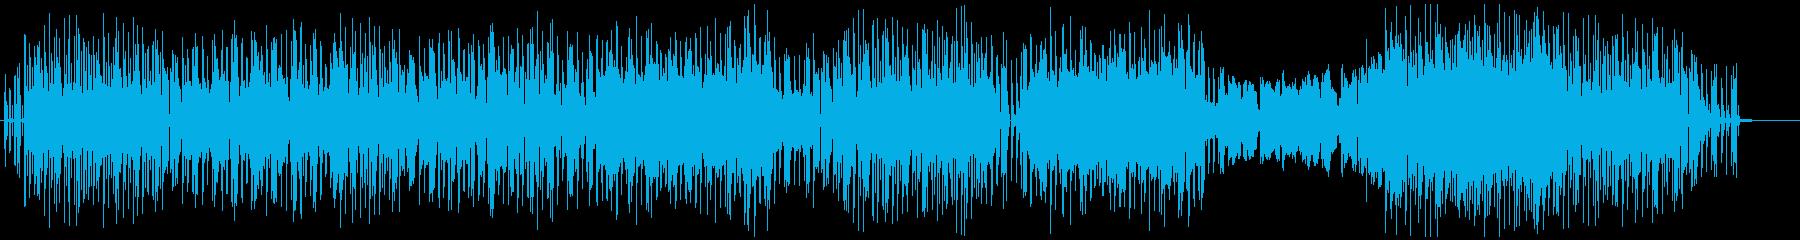 バンドサウンドによるゆったりしたポップスの再生済みの波形